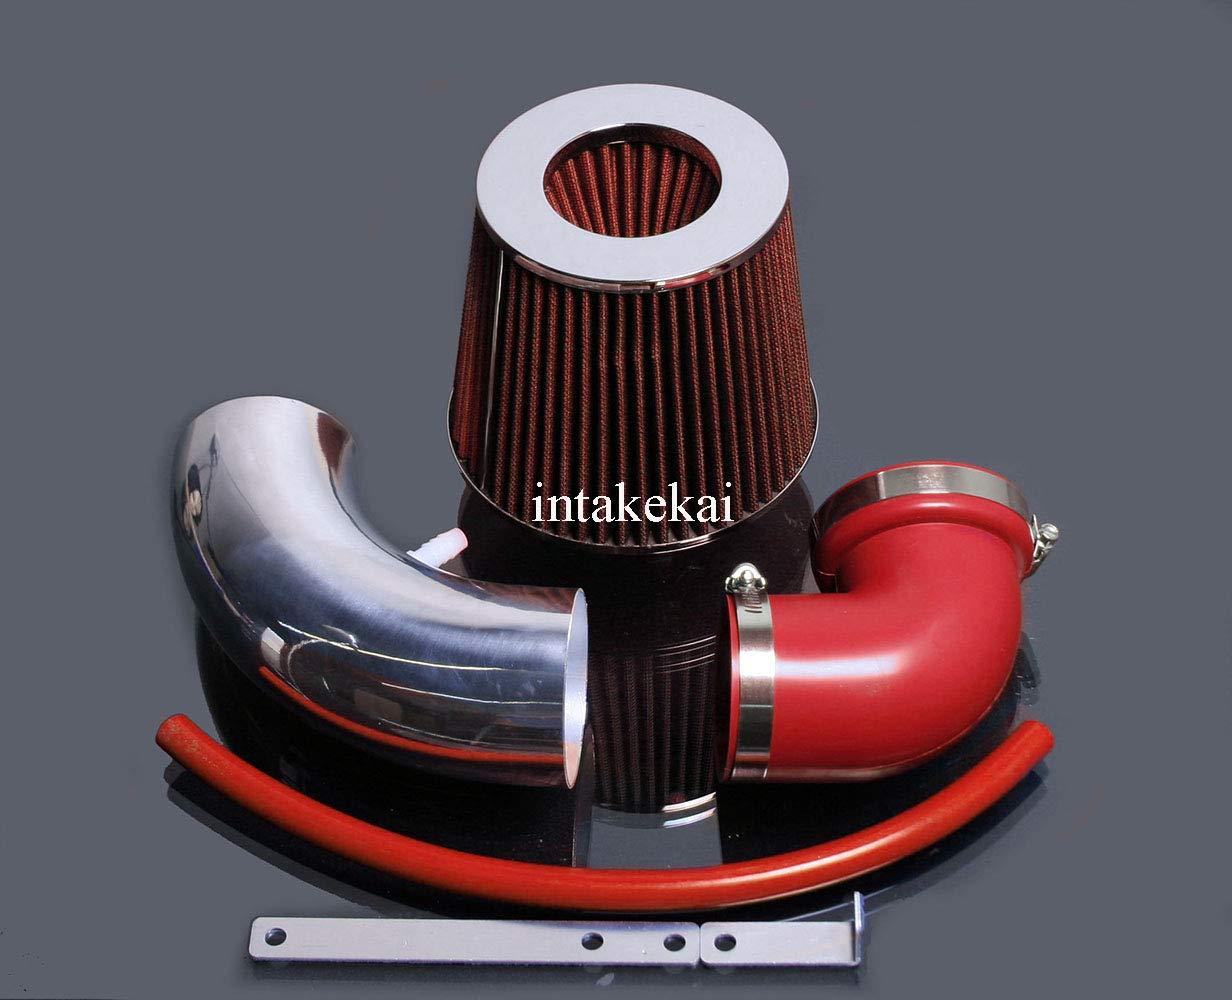 PERFORMANCE SHORT RAM AIR INTAKE KIT FOR 2006-2008 HONDA FIT JAZZ 1.5 1.5L SOHC ENGINE (RED) INTAKE KAI